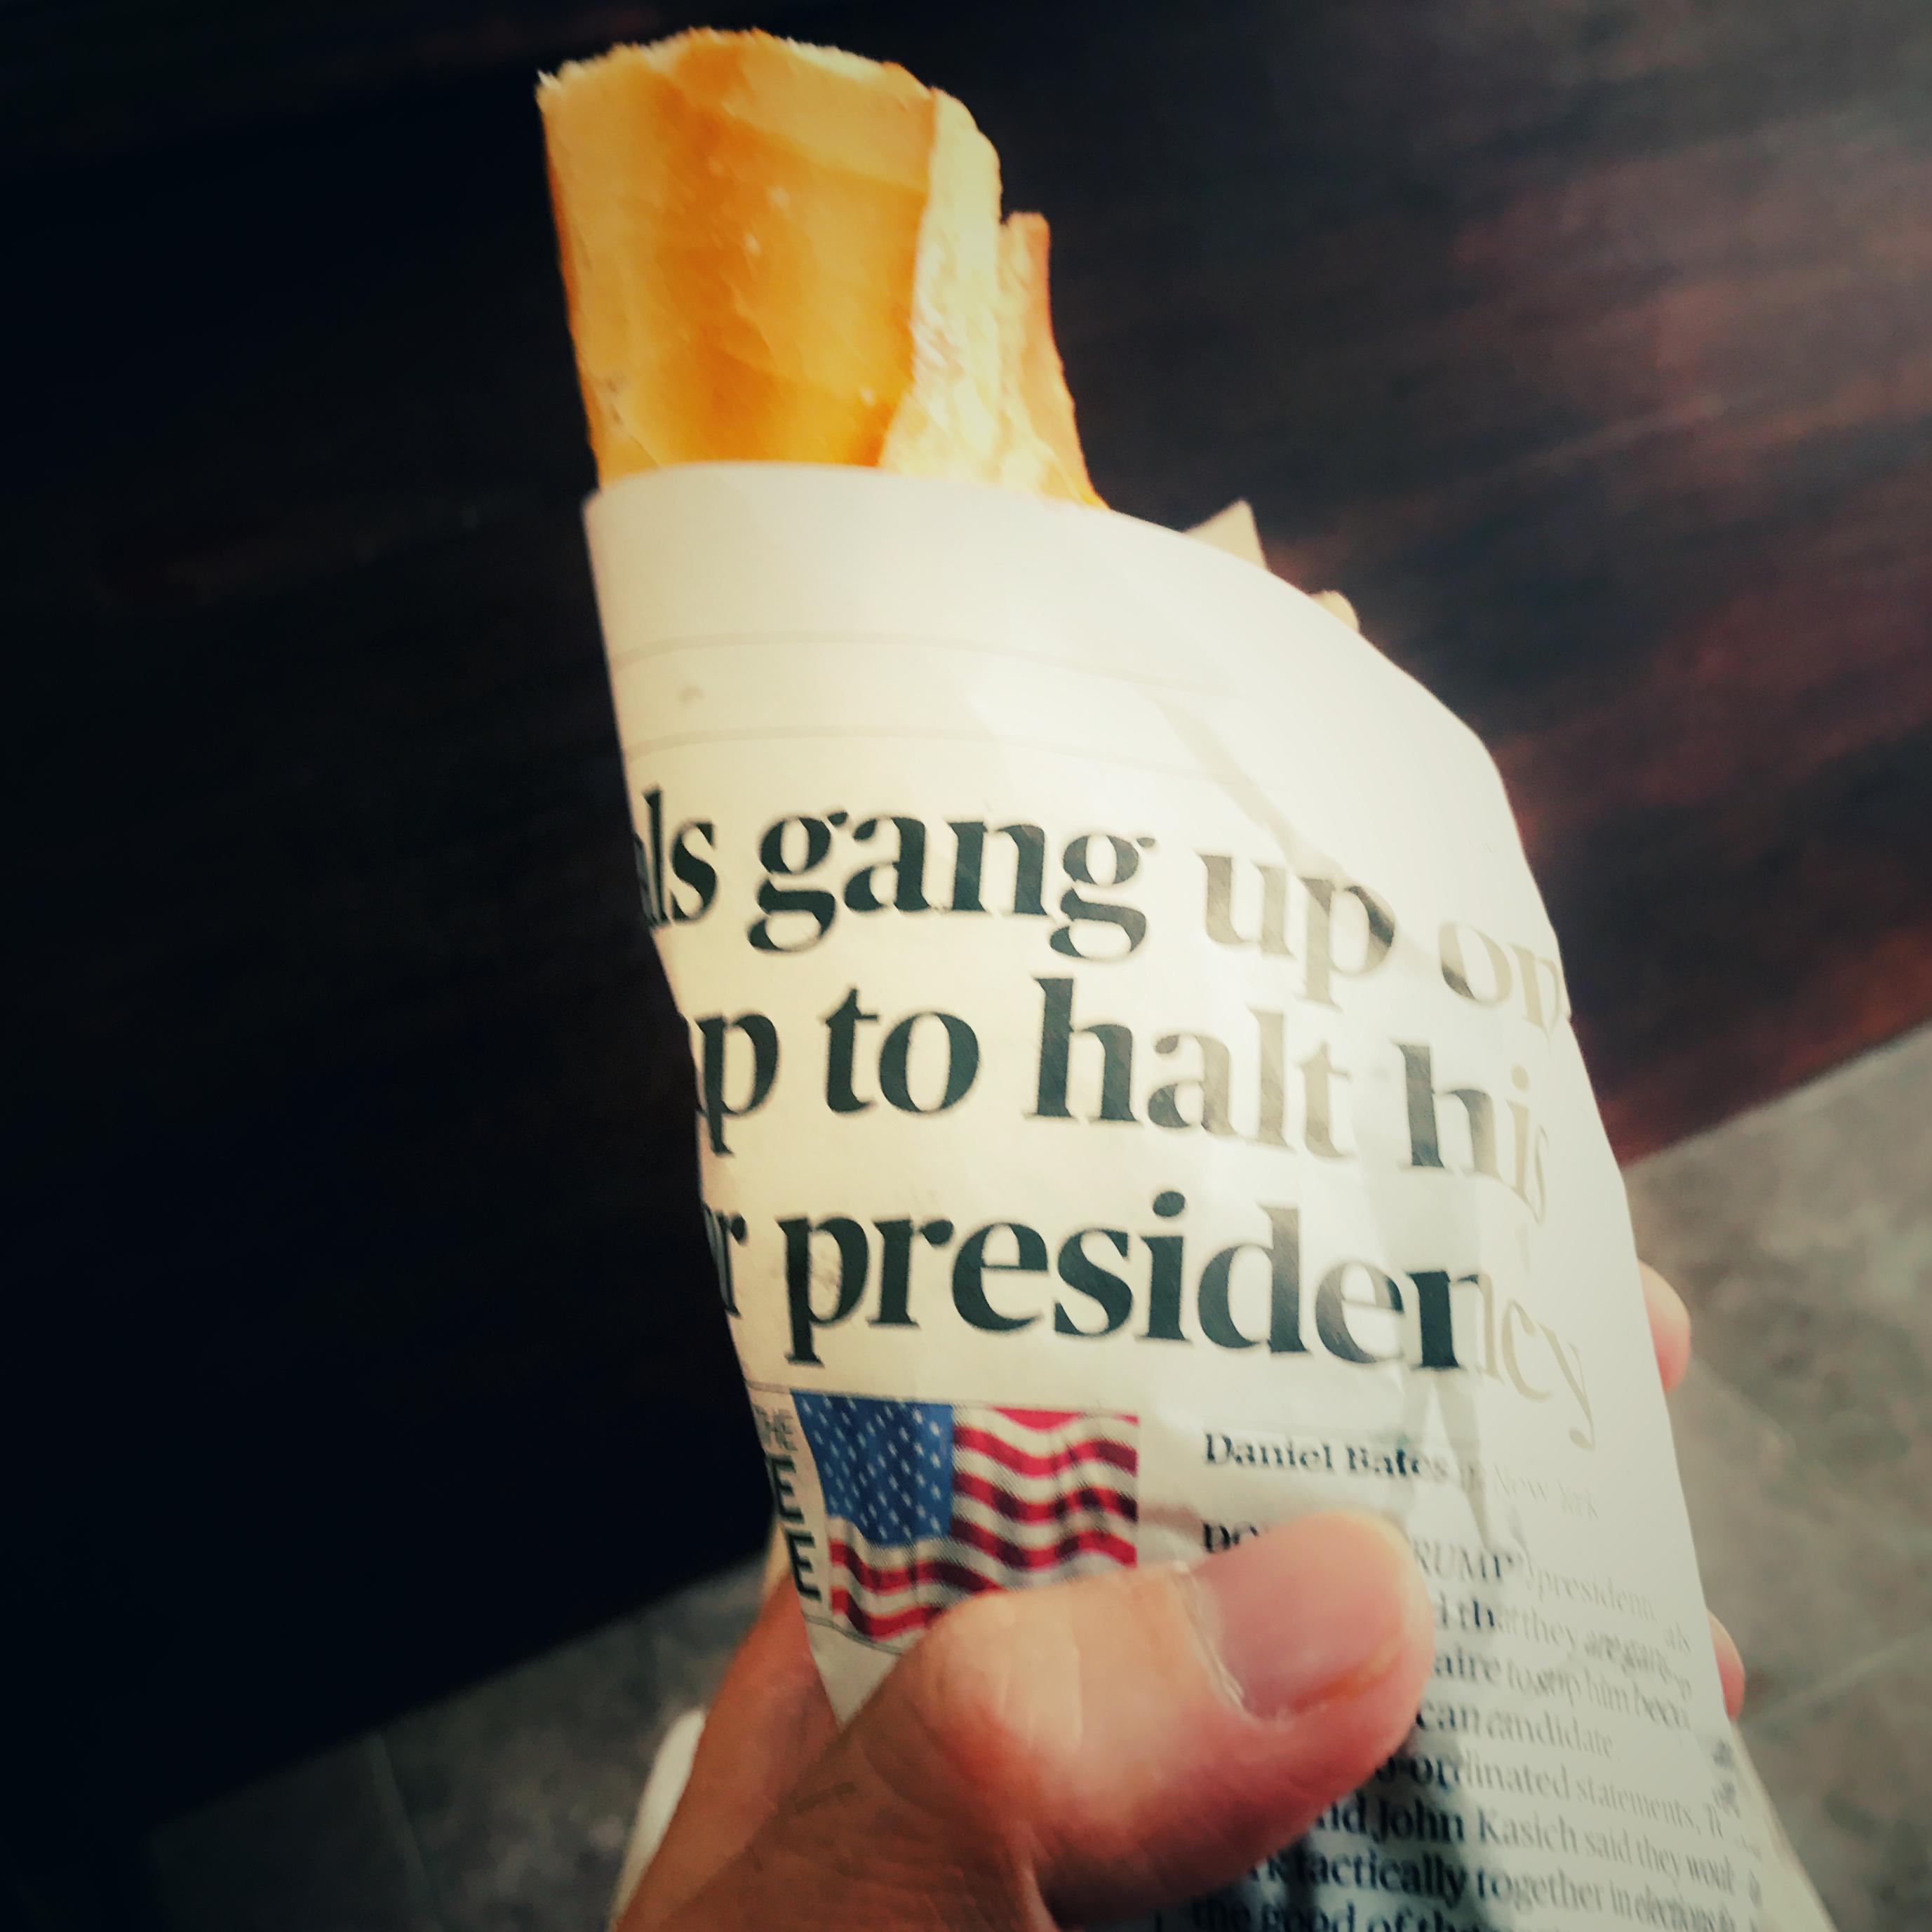 バケットを注文するとその場でチーズクリームをはさみ、タブロイド紙にくるんでサーブしてくれる